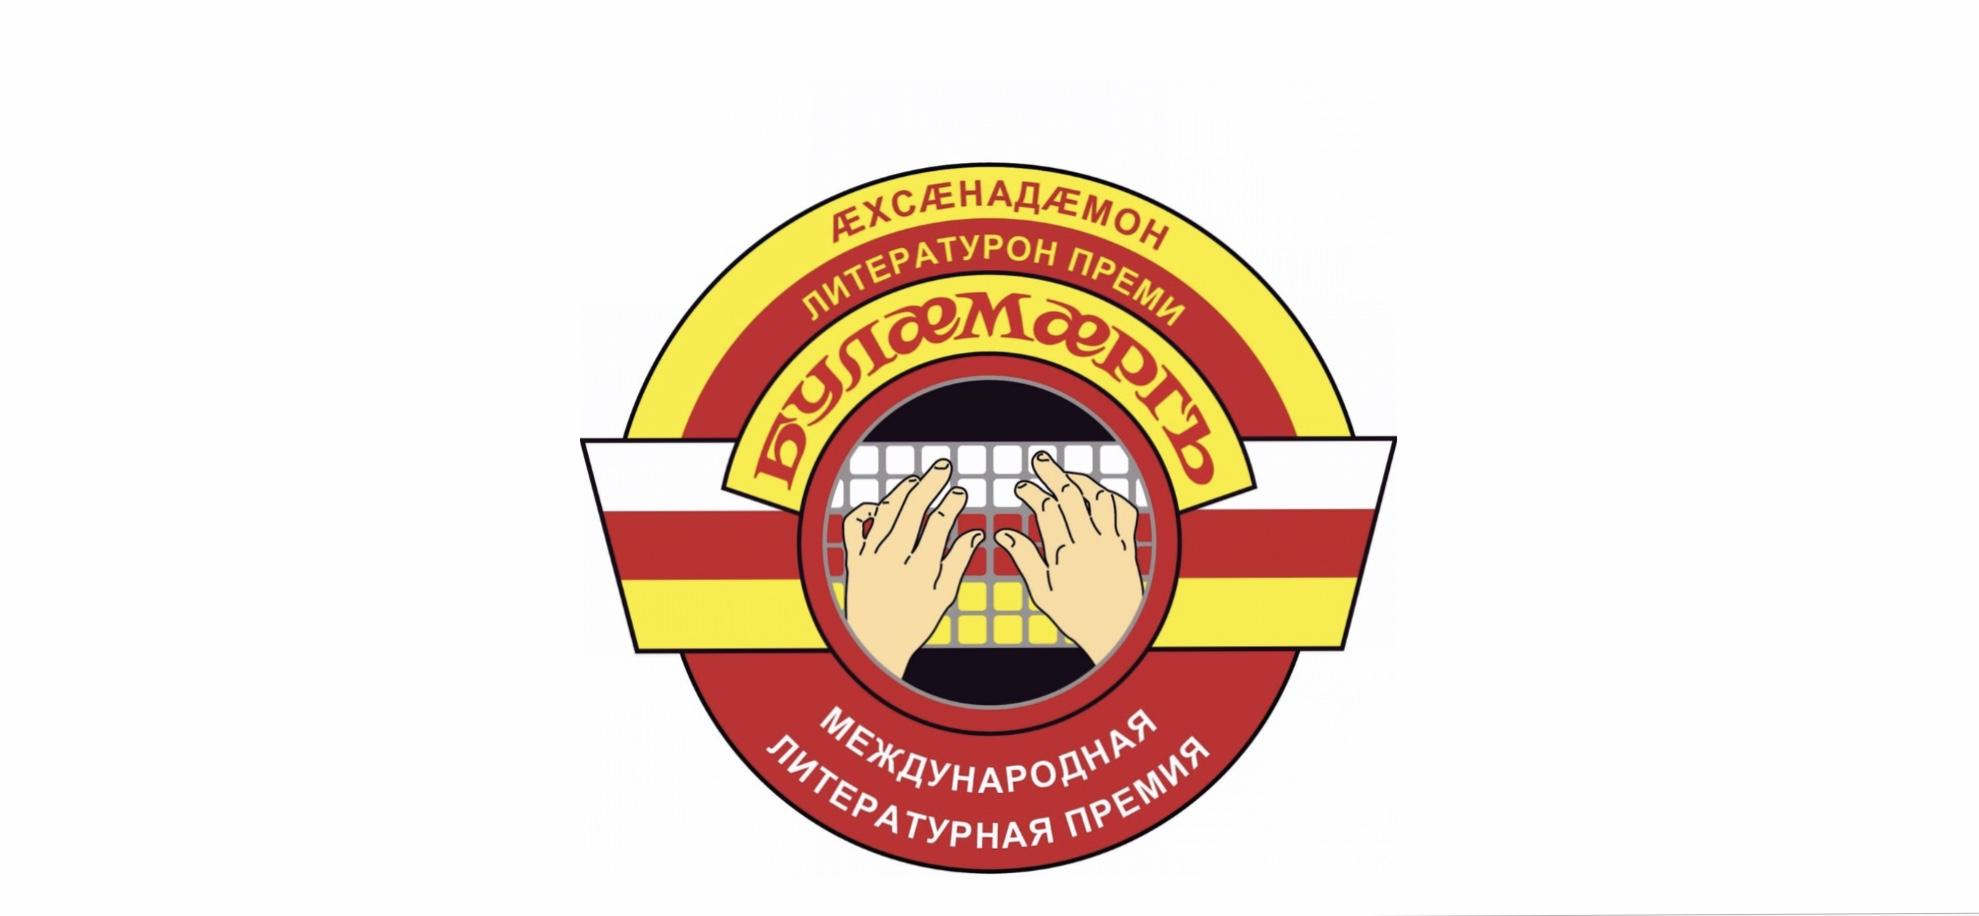 Международная литературная премия «Буламаргъ» ввела номинацию для авторов, пишущих на русском языке